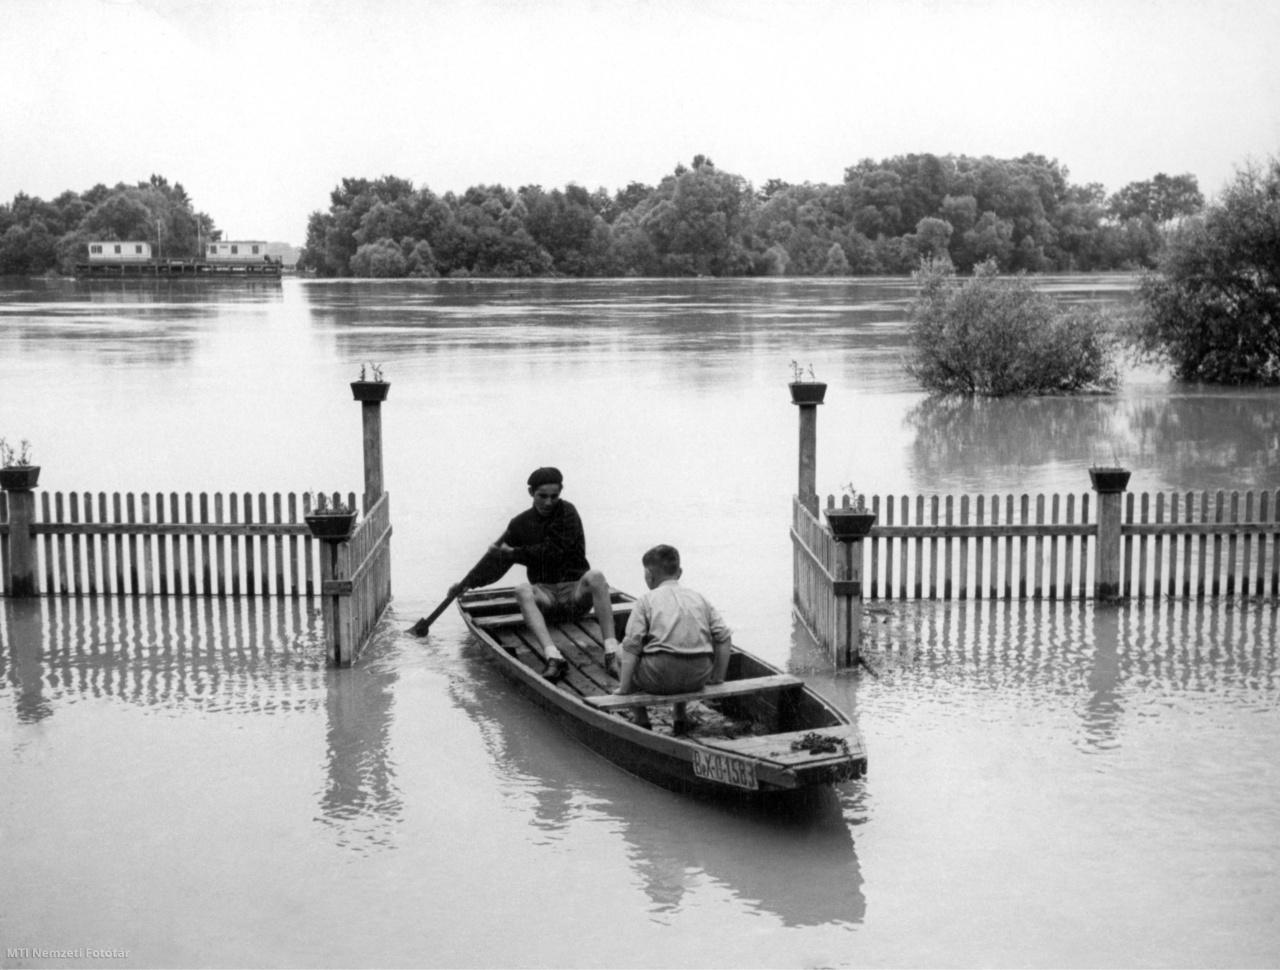 Leányfalu 1954. július 16. Csónakkal közlekedő fiatal fiúk az áradó Dunán a Határcsárda körül.